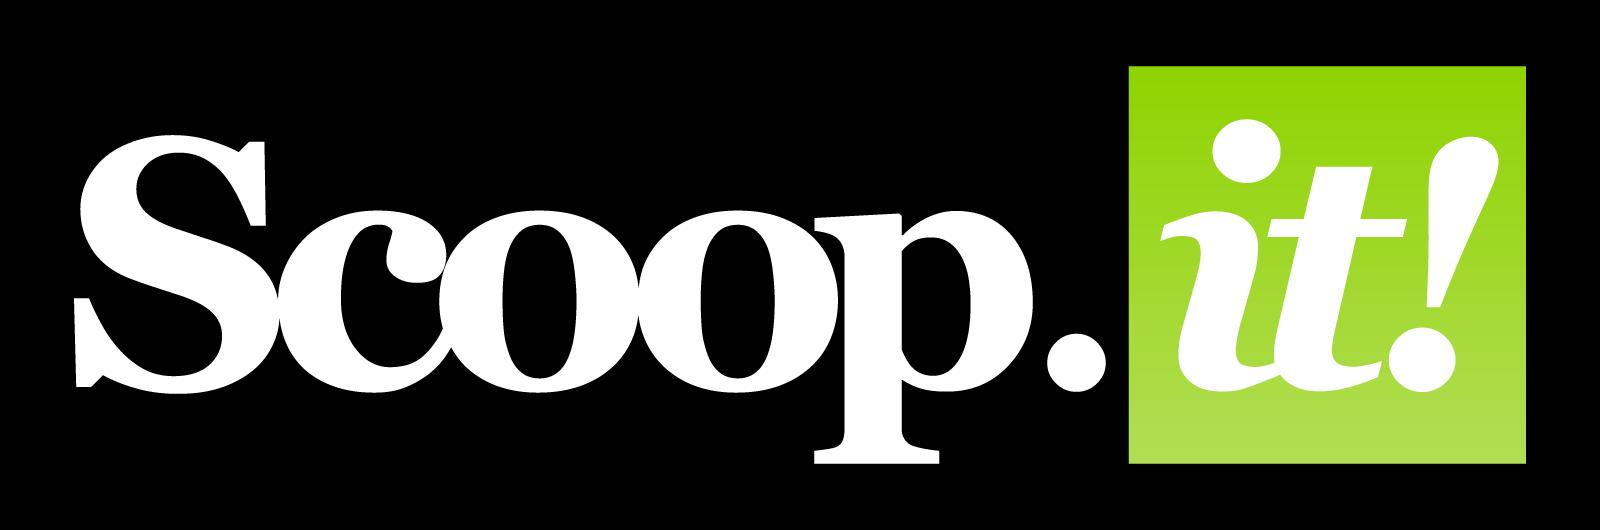 logo_scoopit_bg-black